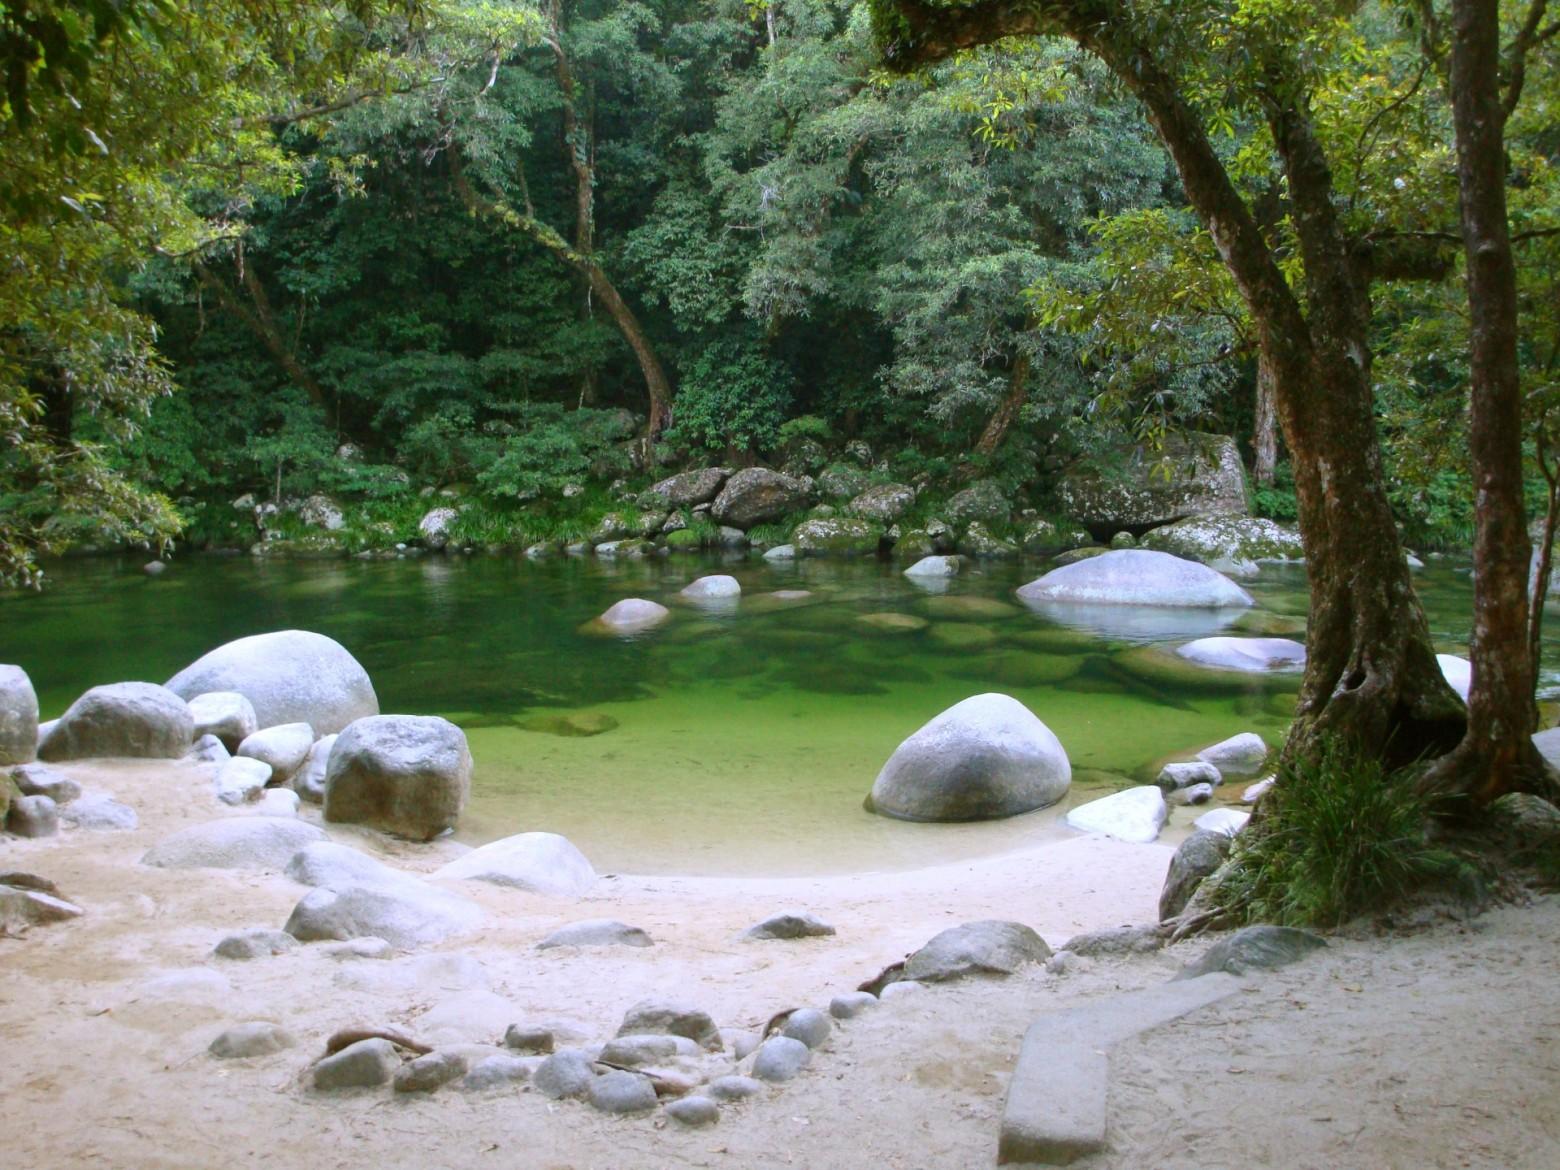 Nature for t eau zen lagon images photos gratuites images gratuites et libres de droits - Image zen nature ...